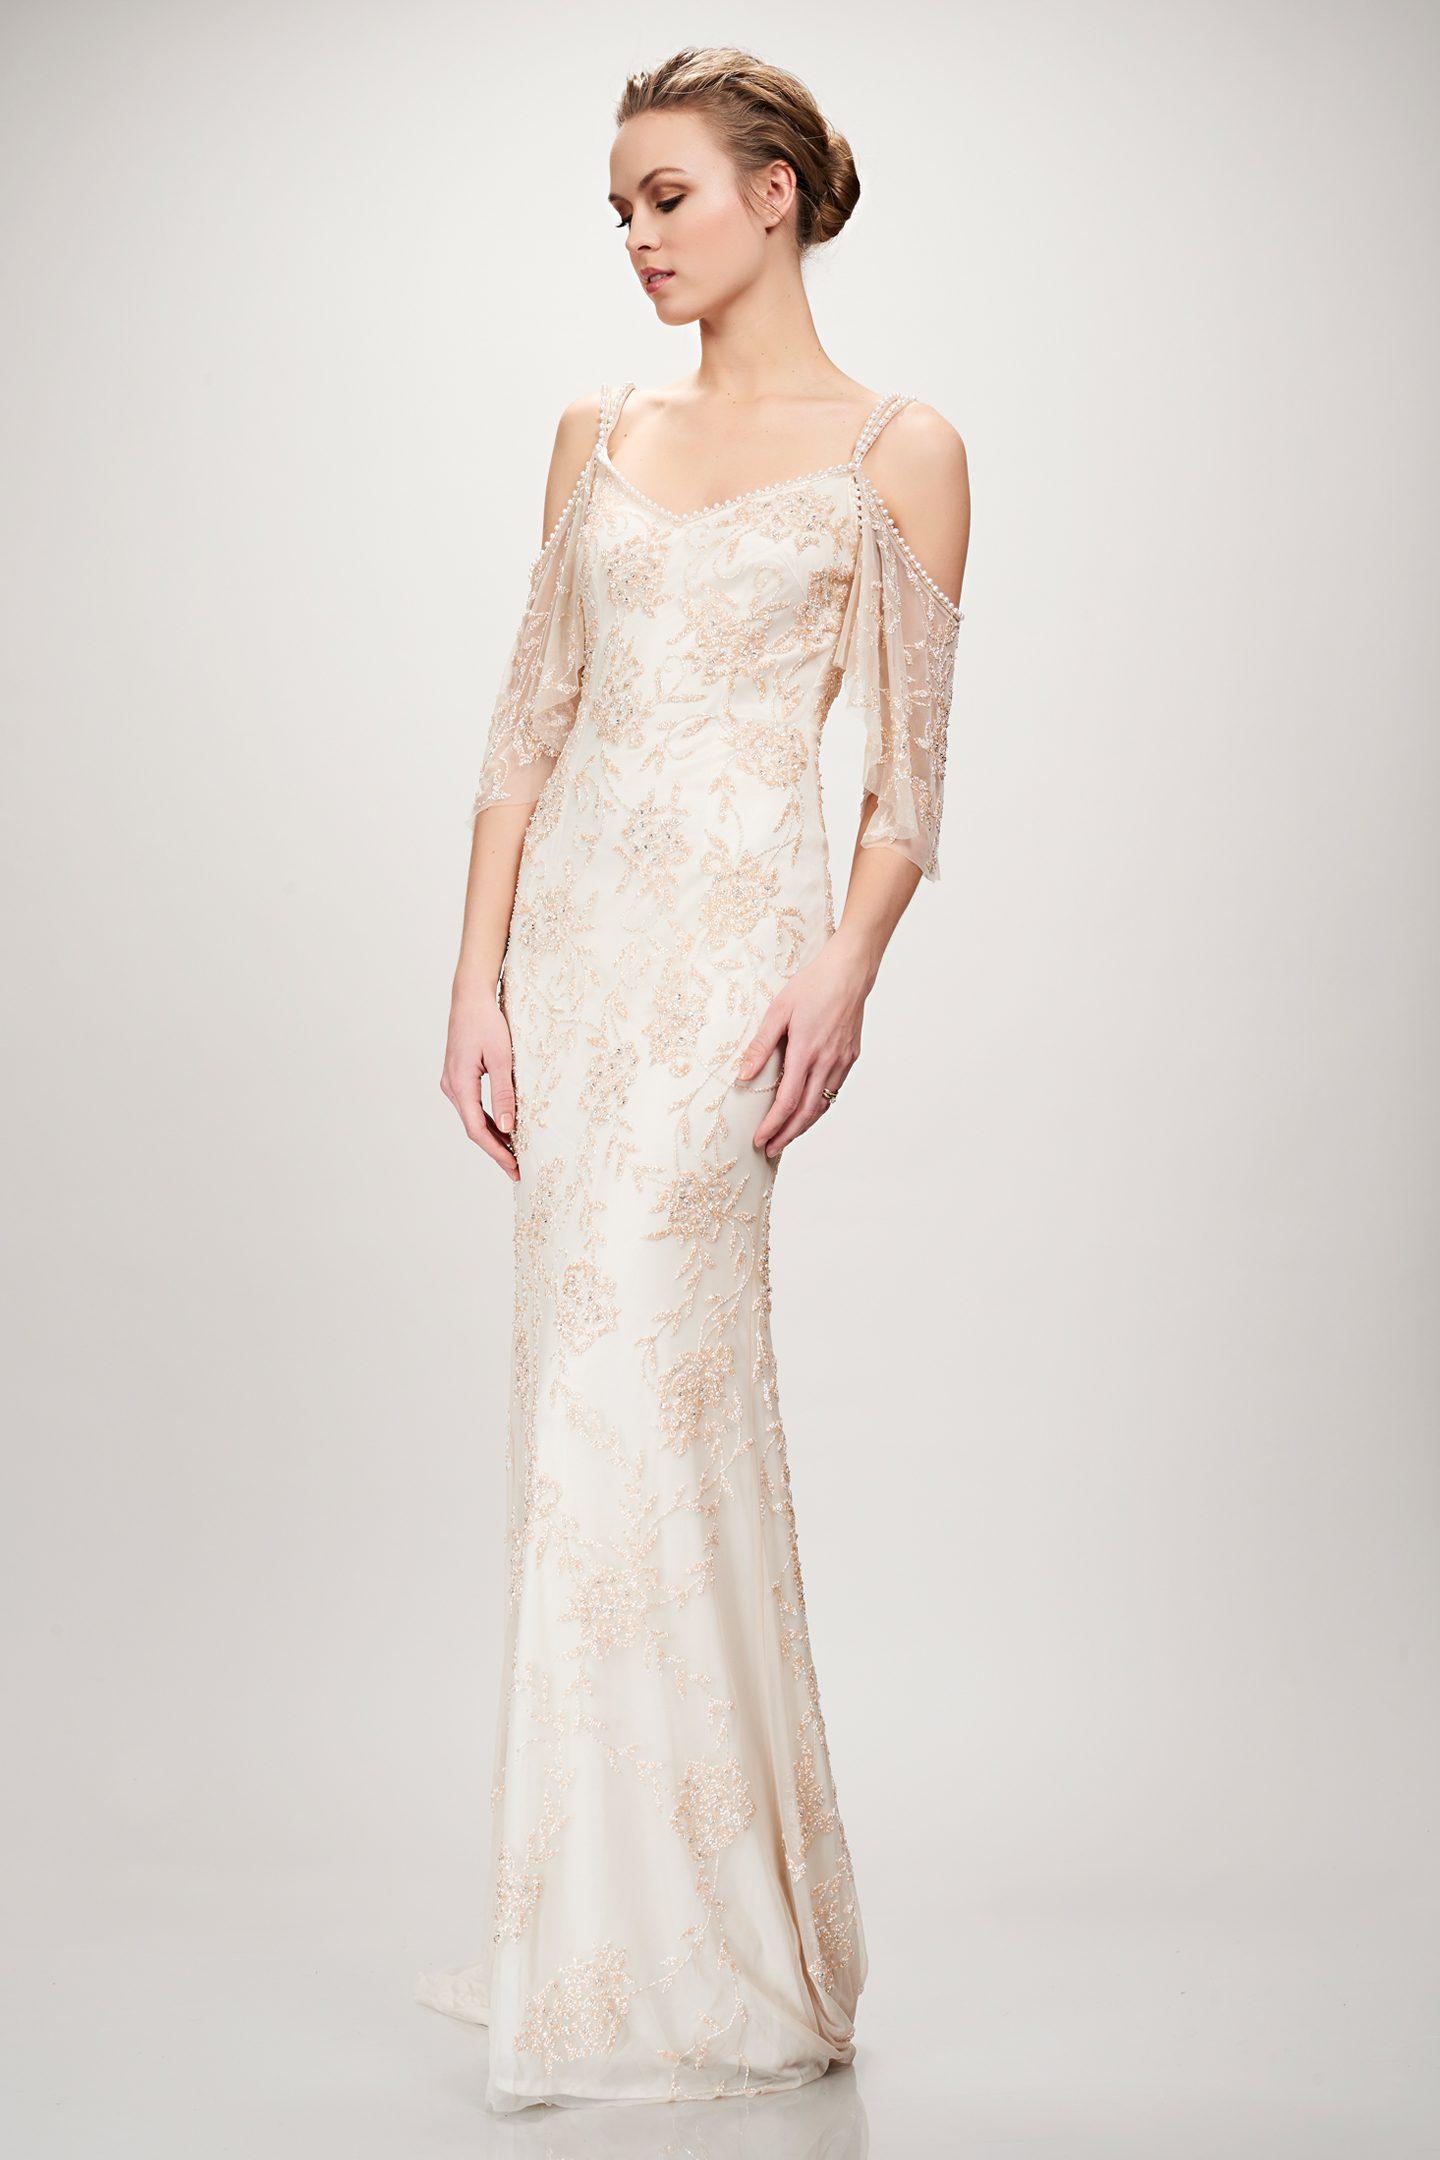 Theia layla wedding dress sales theia layla junglespirit Gallery